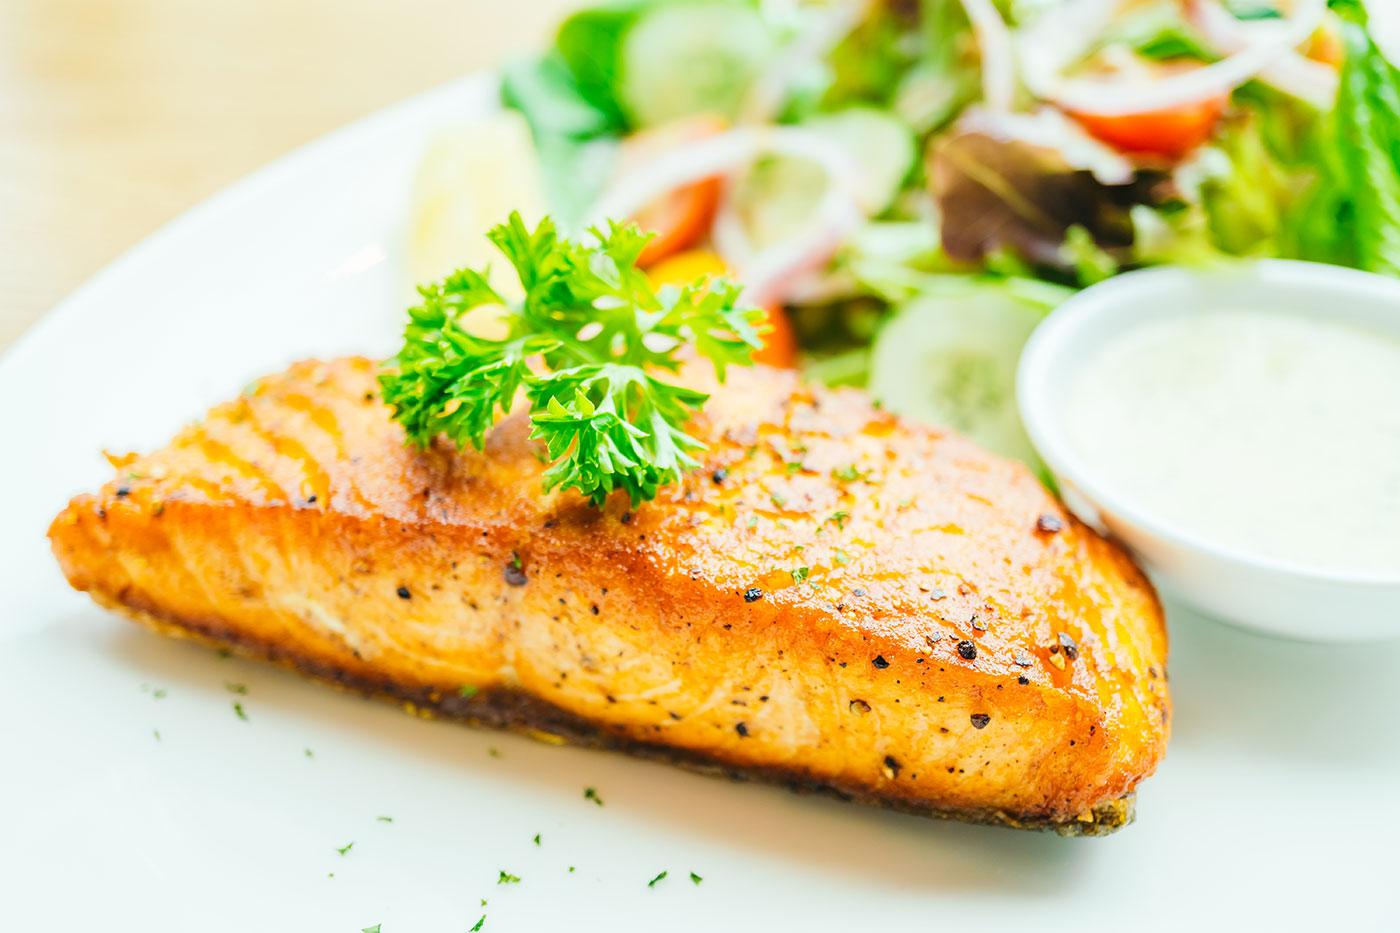 Лучшая еда после тренировки для похудения и роста мышц